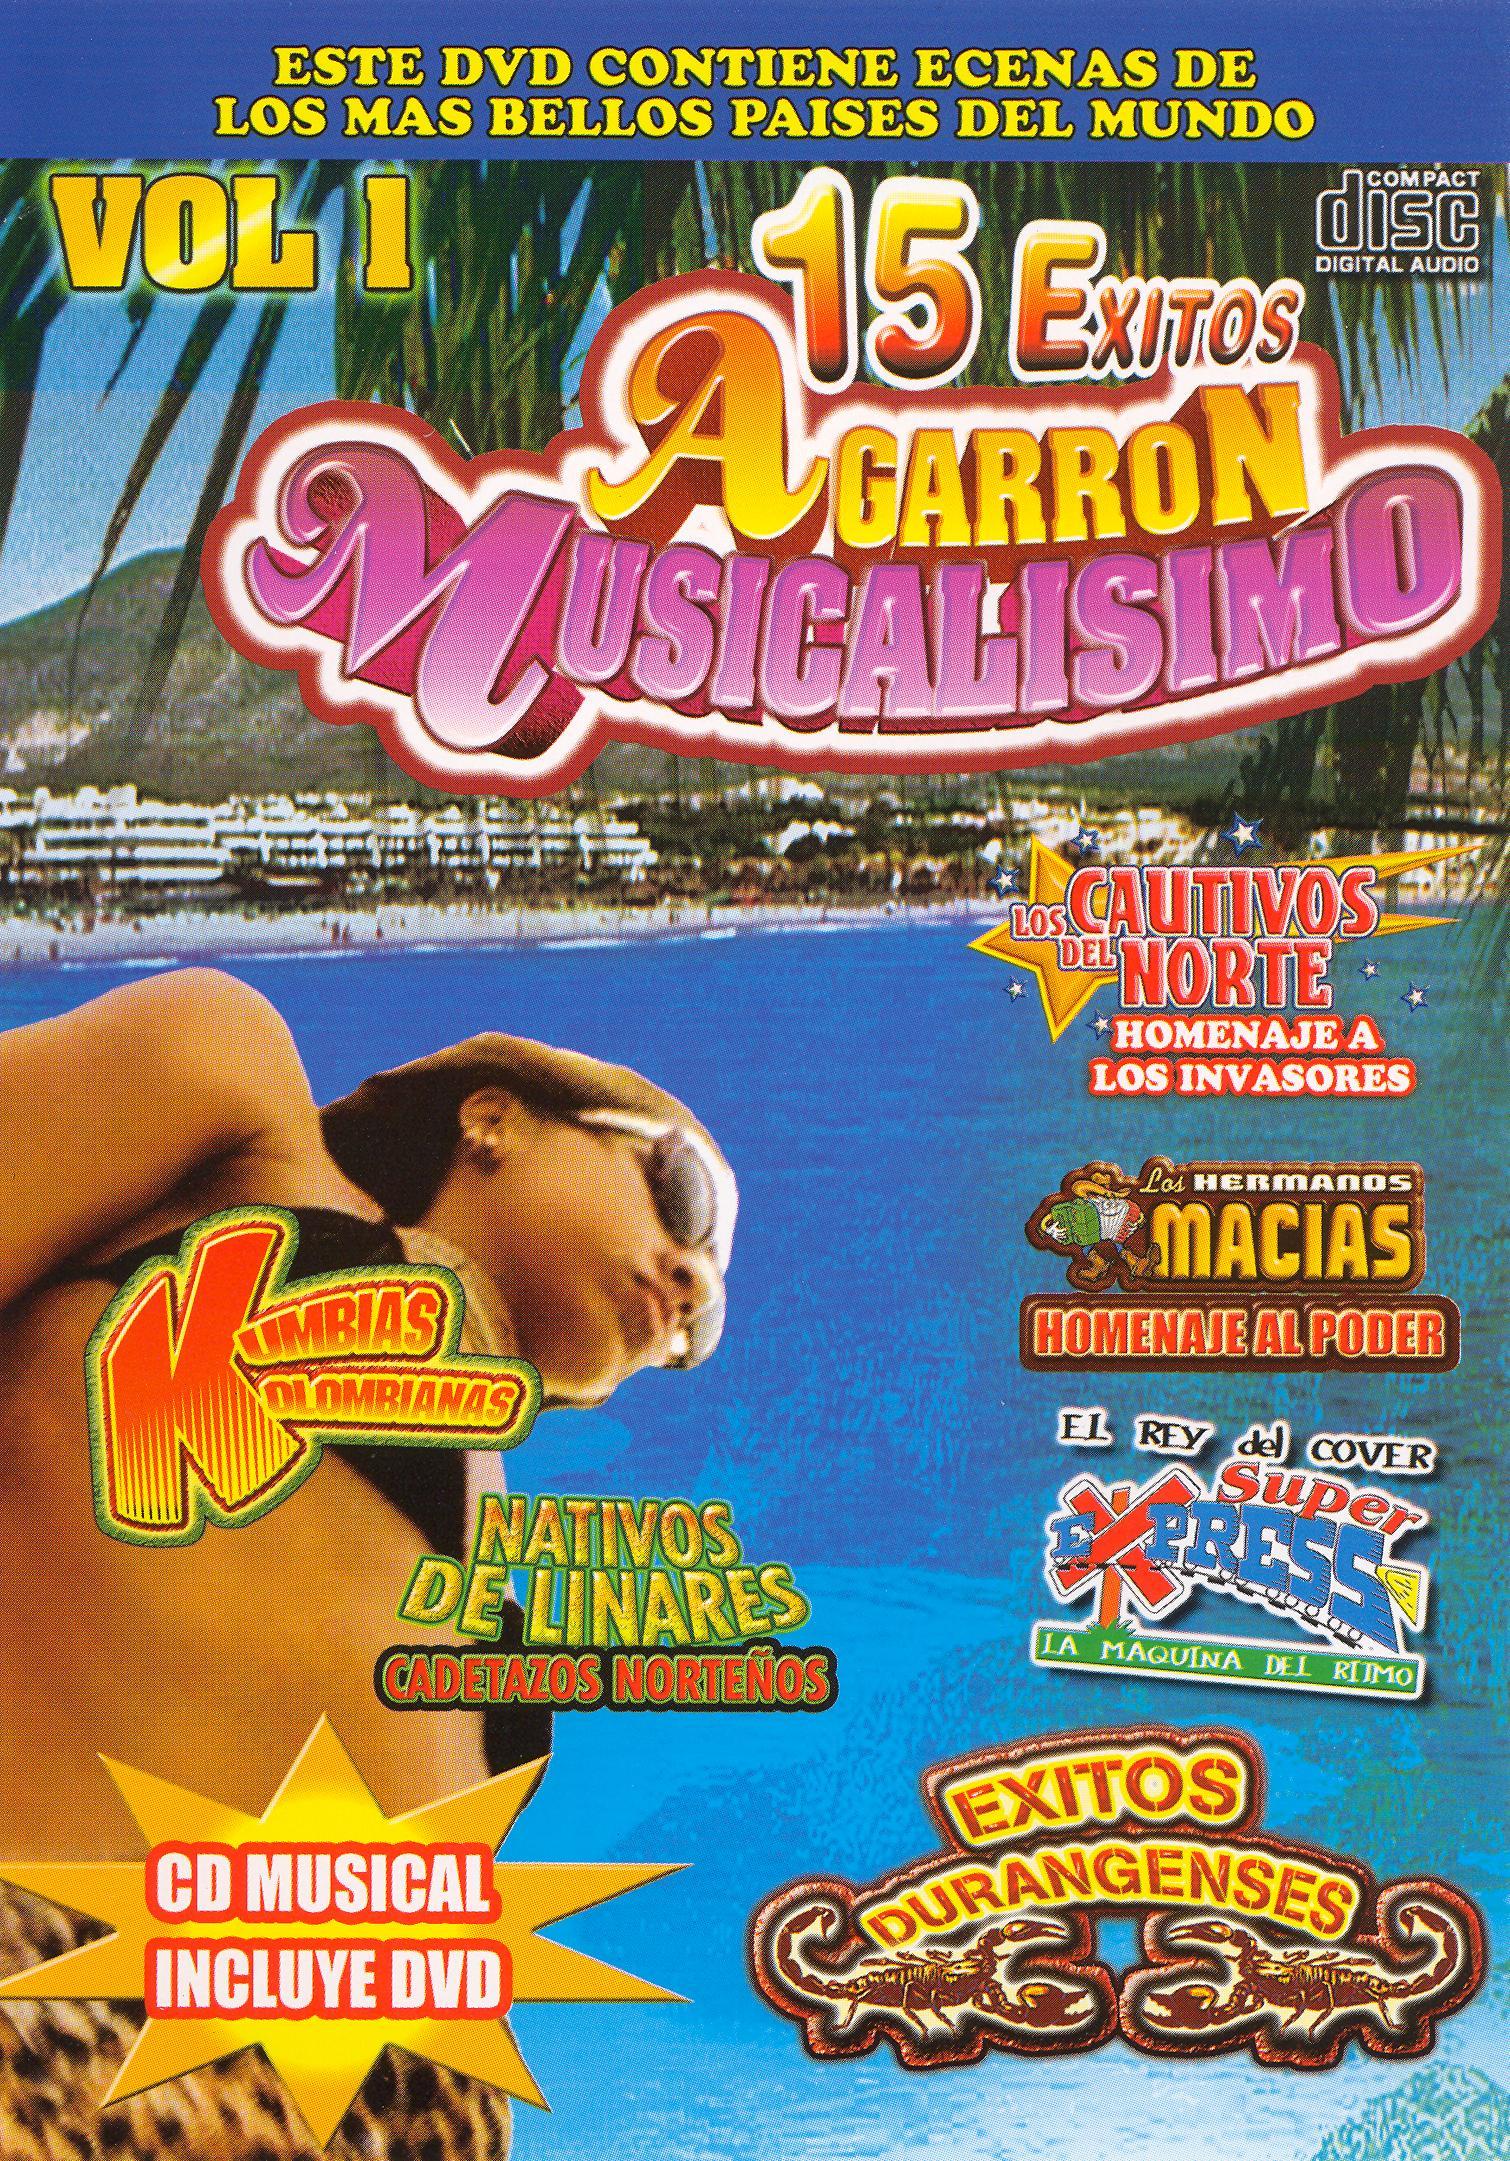 15 Exitos Agarron Musicalisimovol, Vol. 1